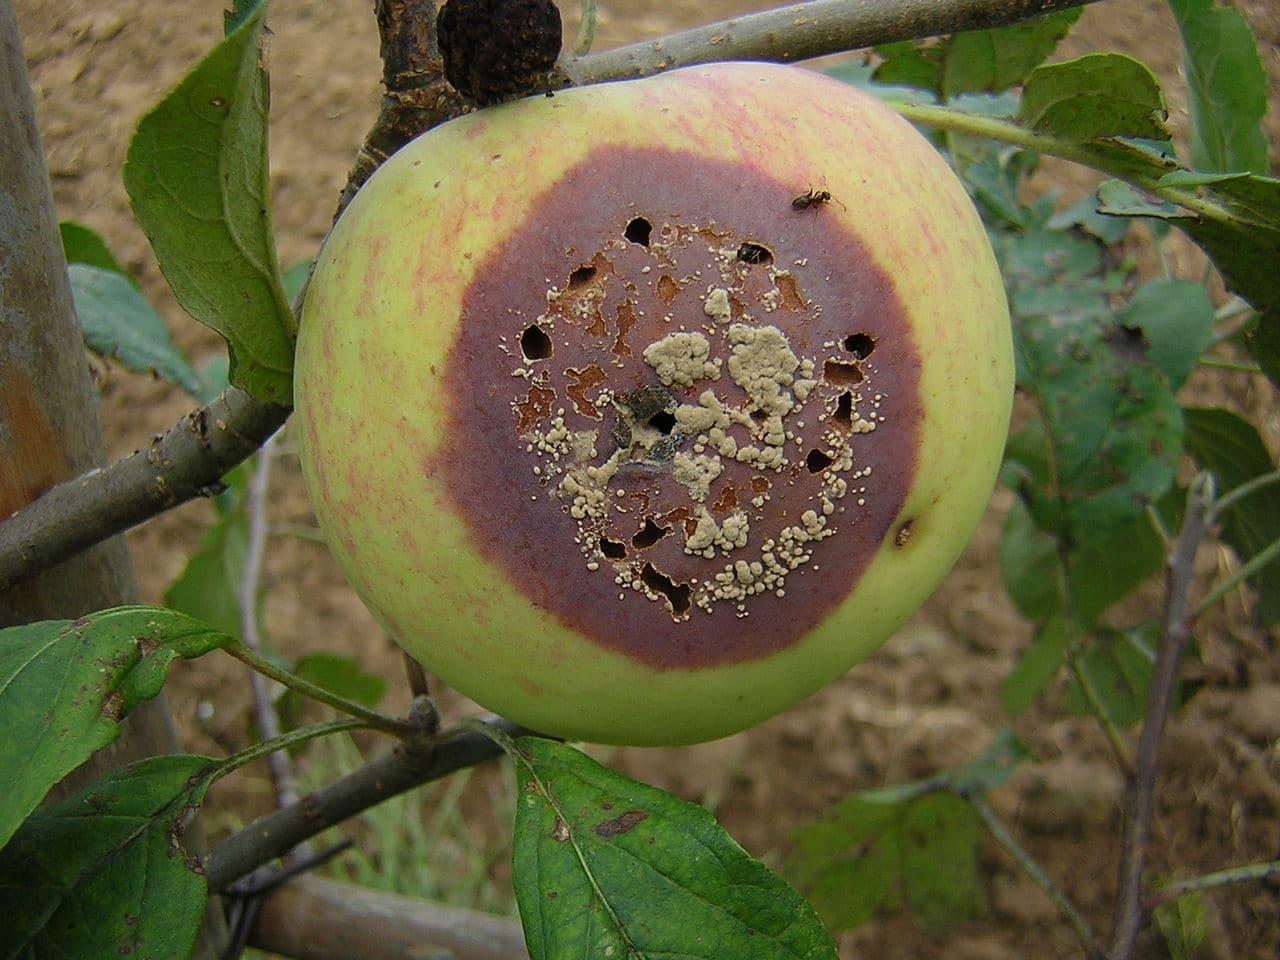 La momificación de los frutos es una enfermedad seria